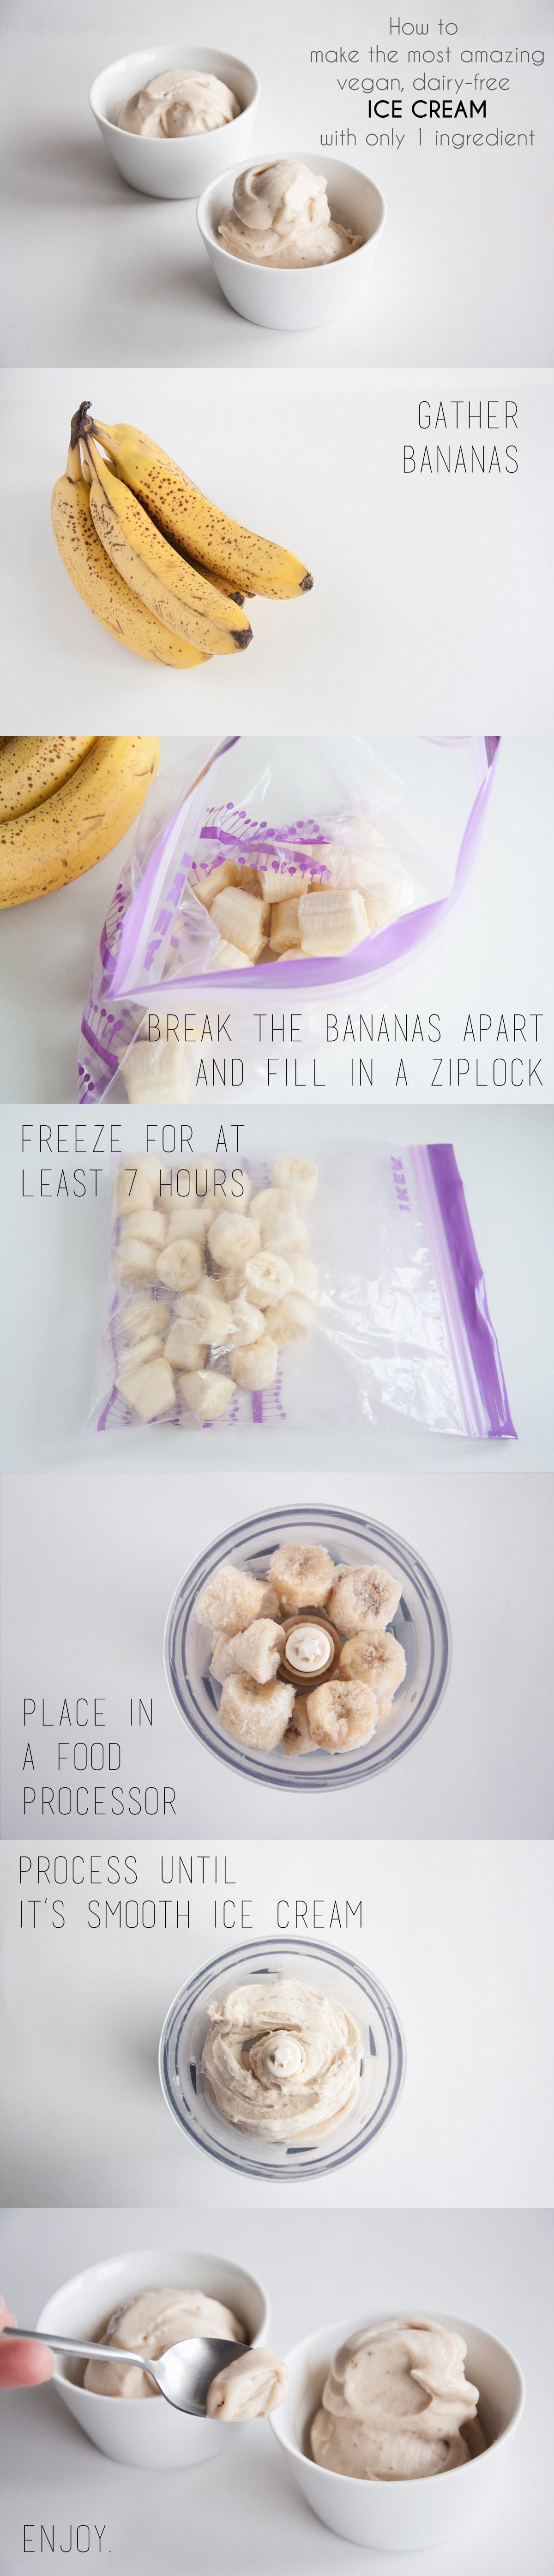 Nice Cream - How to make the best vegan ice cream with bananas only! #veginners #nicecream #vegan